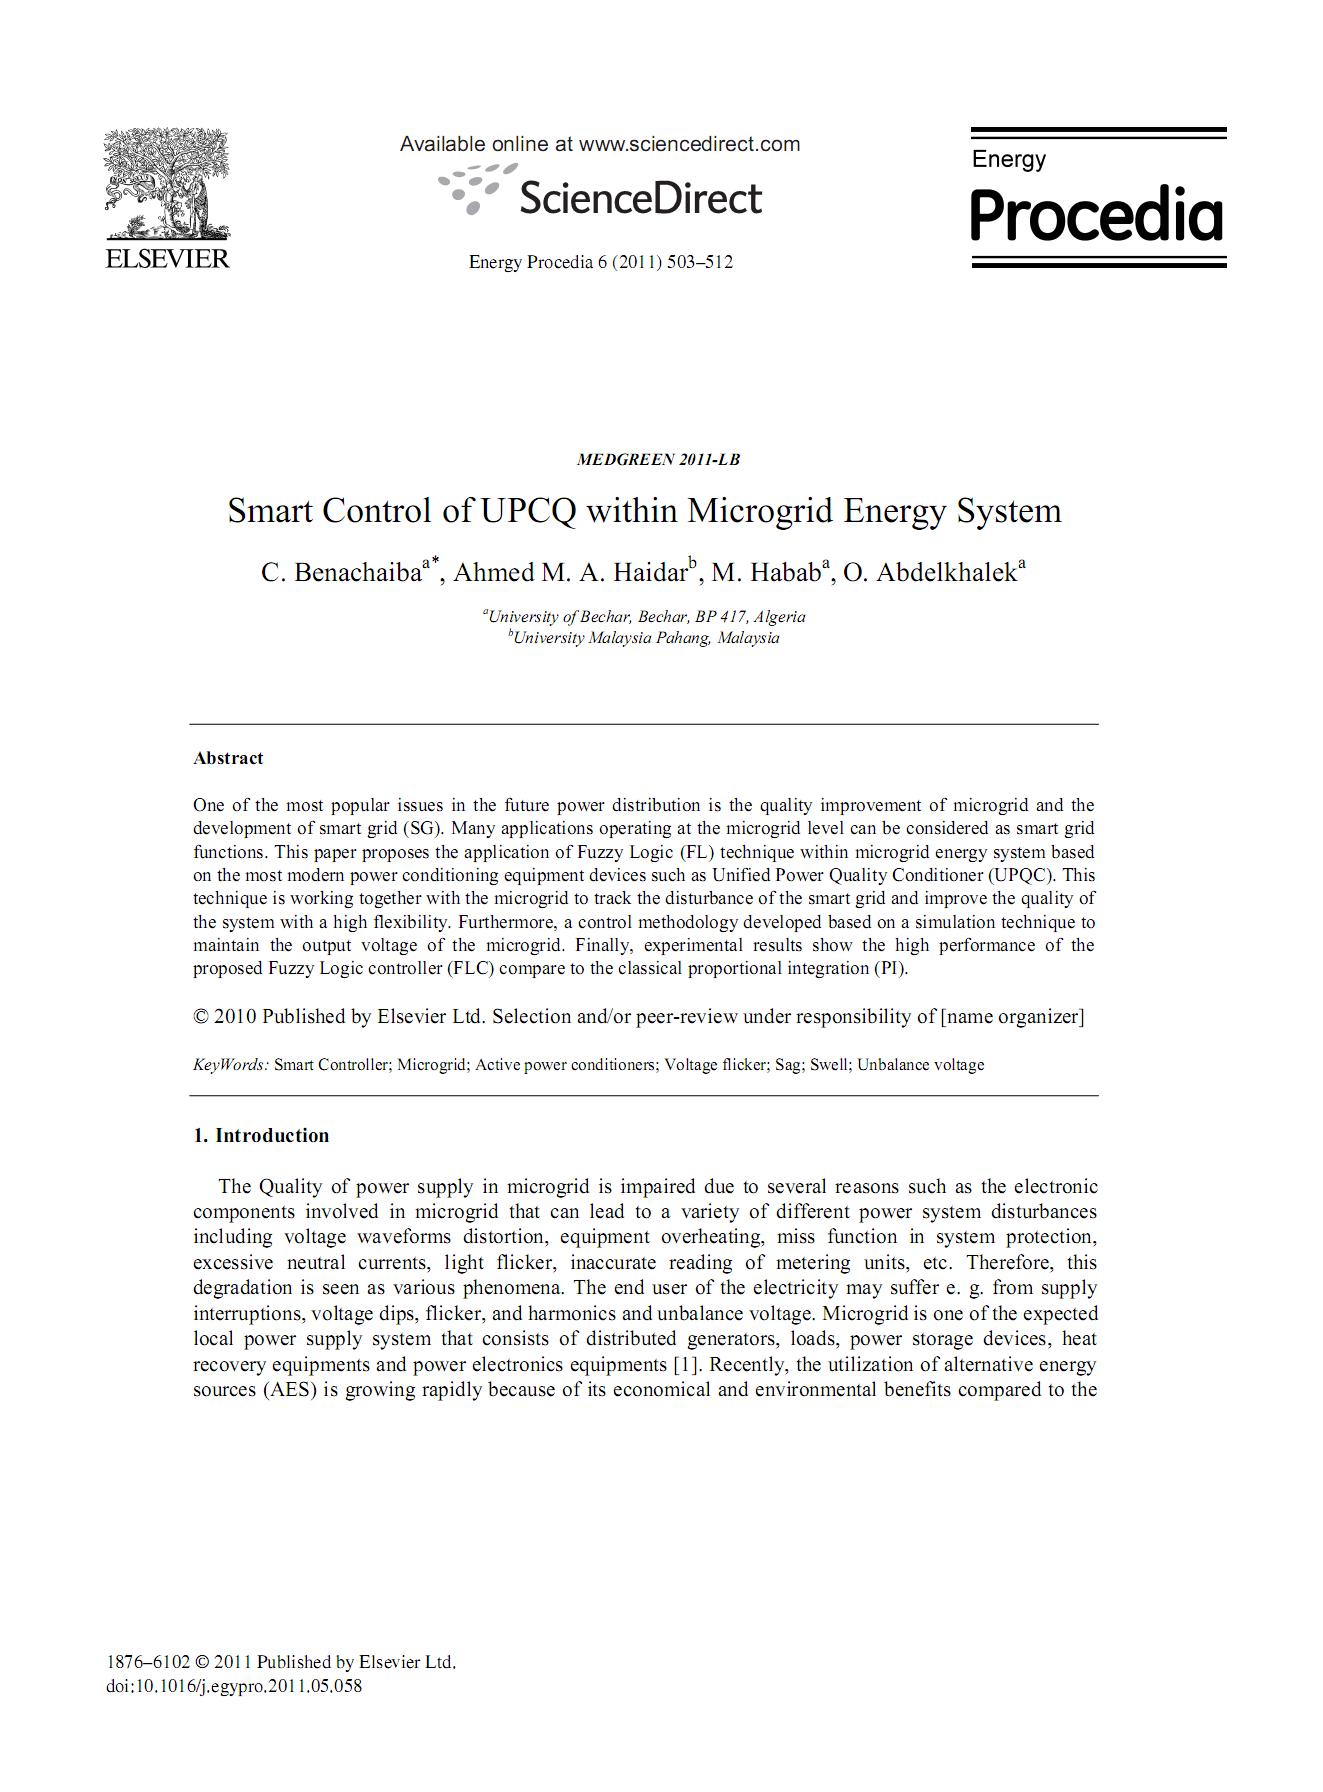 کنترل هوشمند UPCQ مطابق با سیستم انرژی ریز شبکه